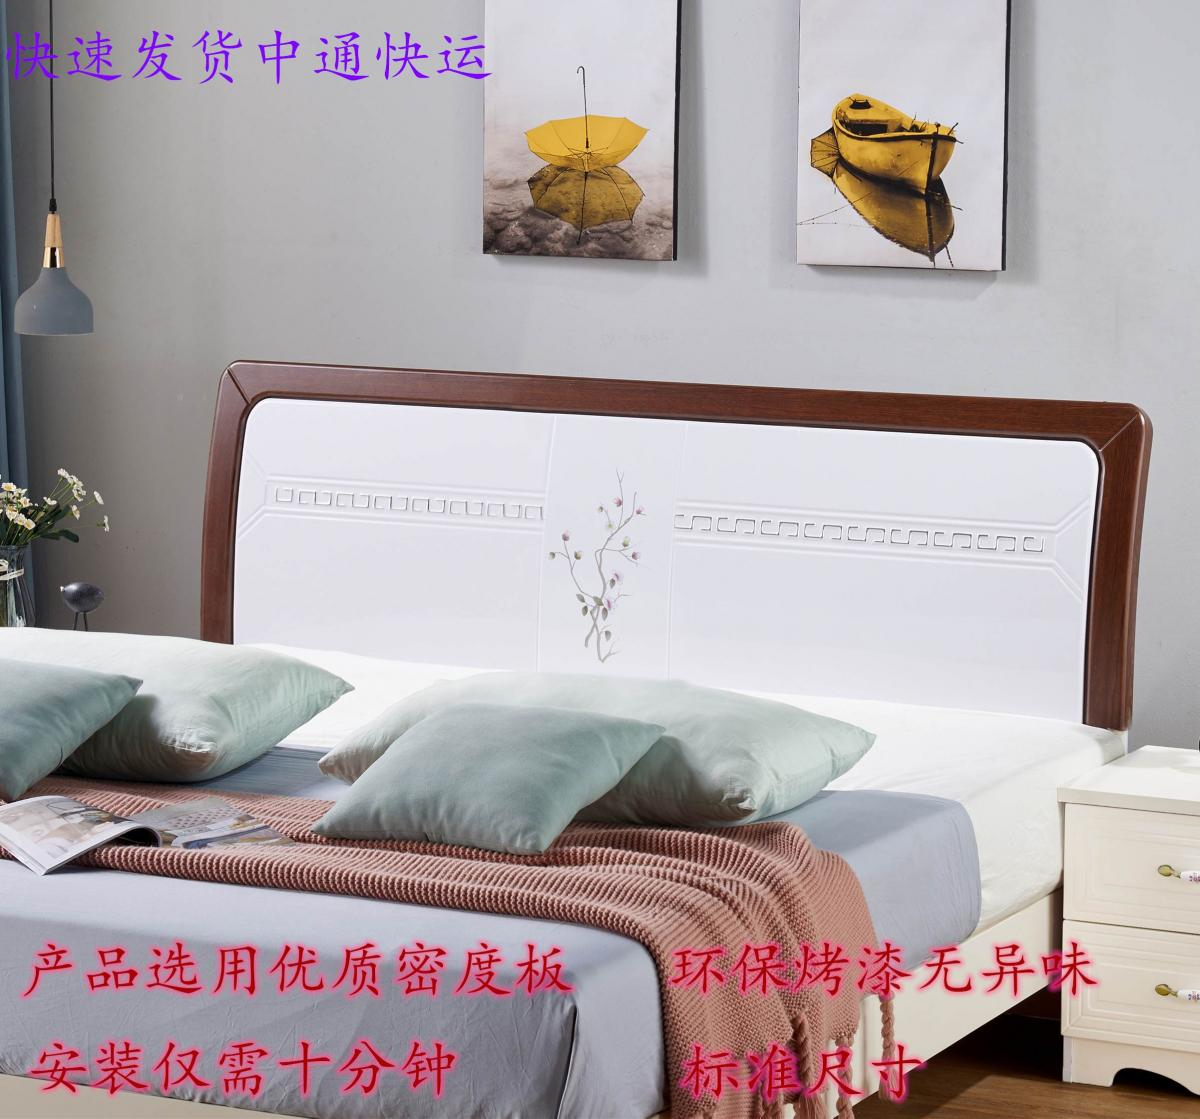 单买个床头板简约现代田园新品儿童靠背轻奢烤漆落地大靠枕垫改造